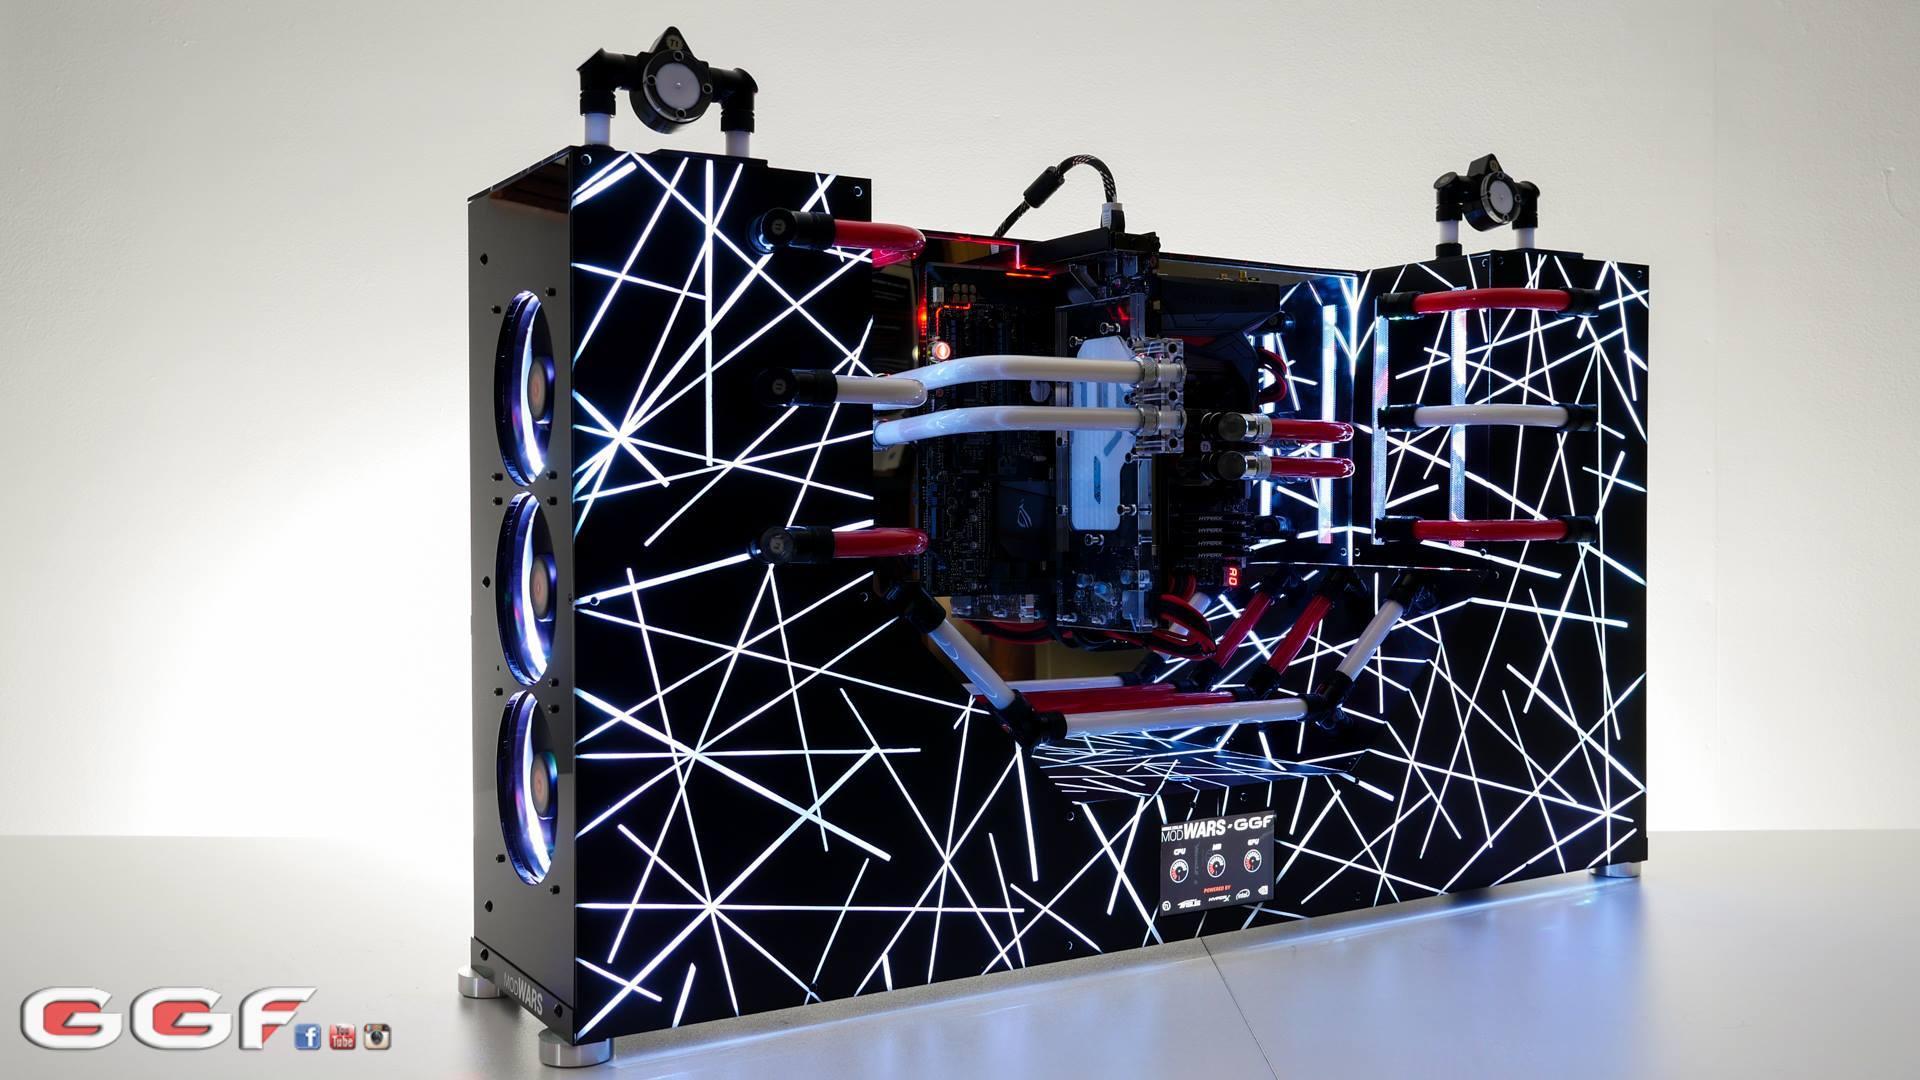 Mod Core P3 Rgb By Ggf Lan Party Rog Republic Of